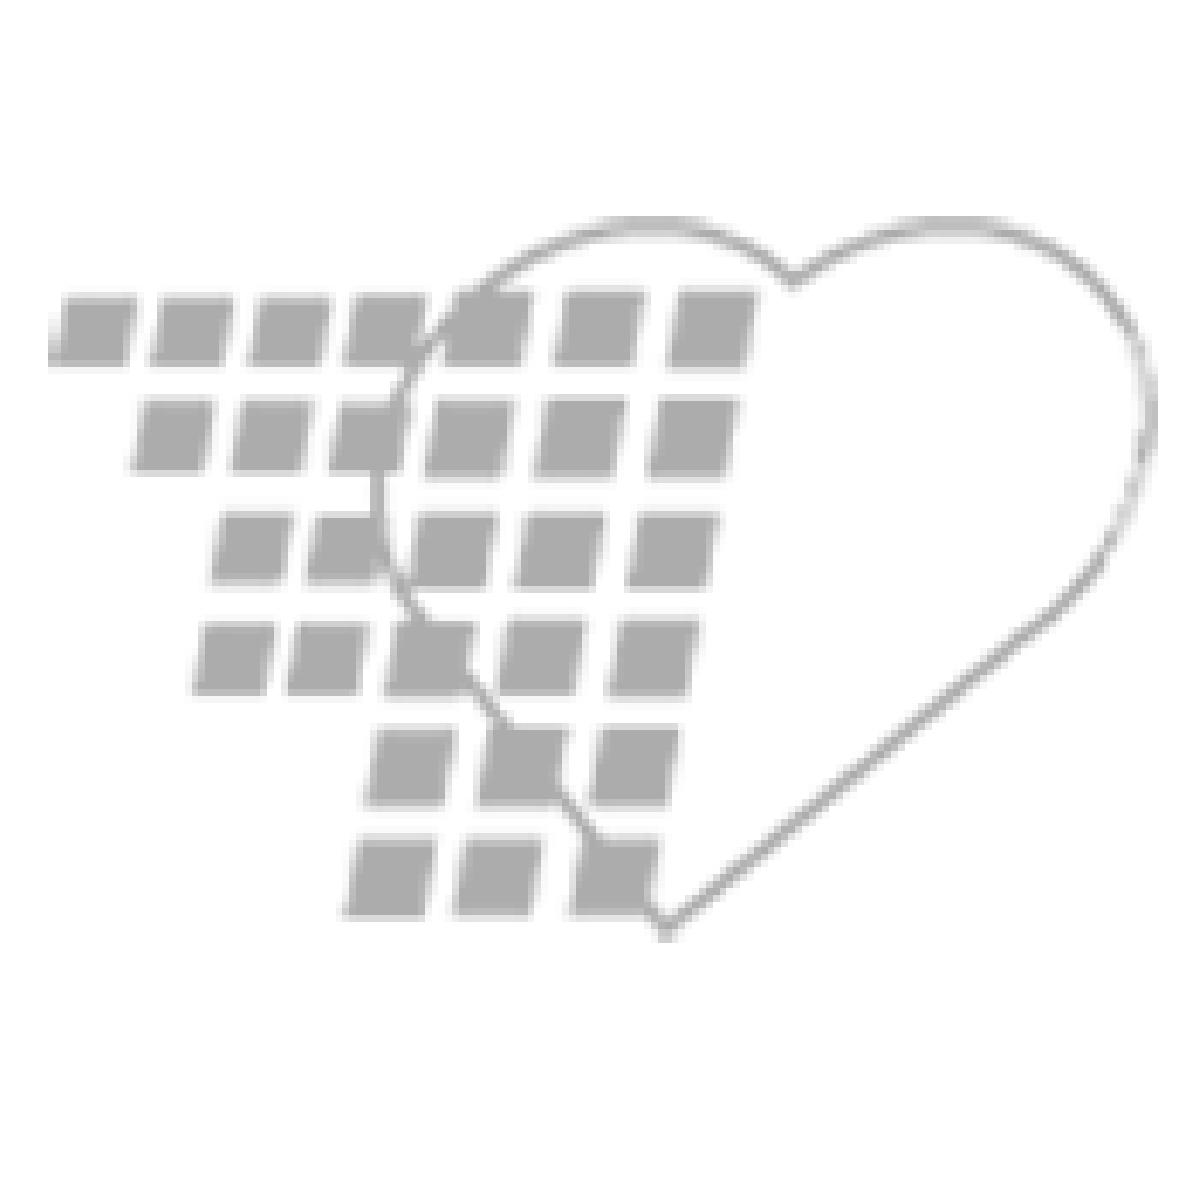 02-43-5248 Pocket Nurse® White Plastic Ruler